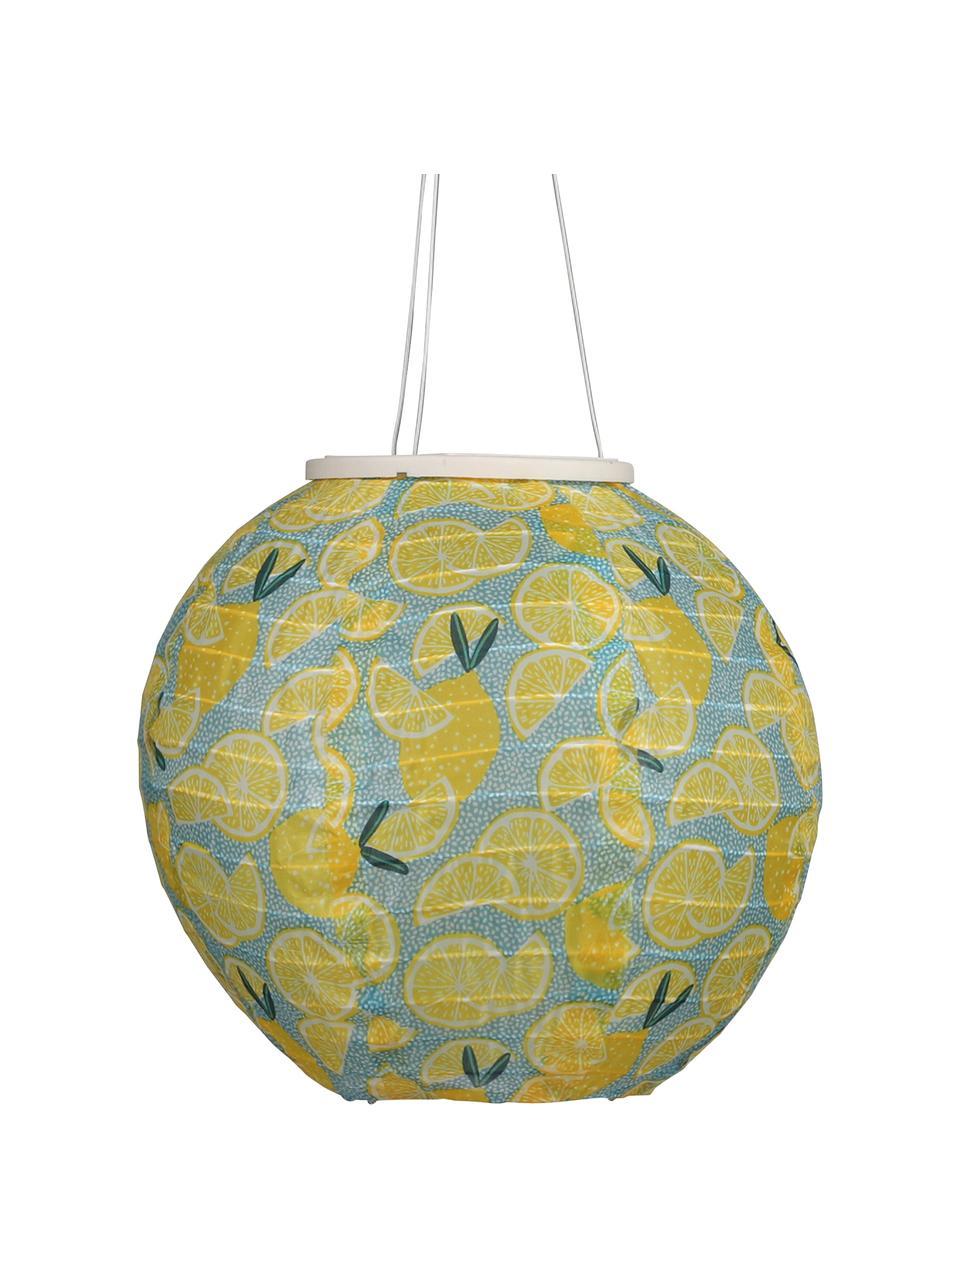 Latarenka solarna Citrus, Żółty, niebieski, zielony, Ø 25 x W 25 cm